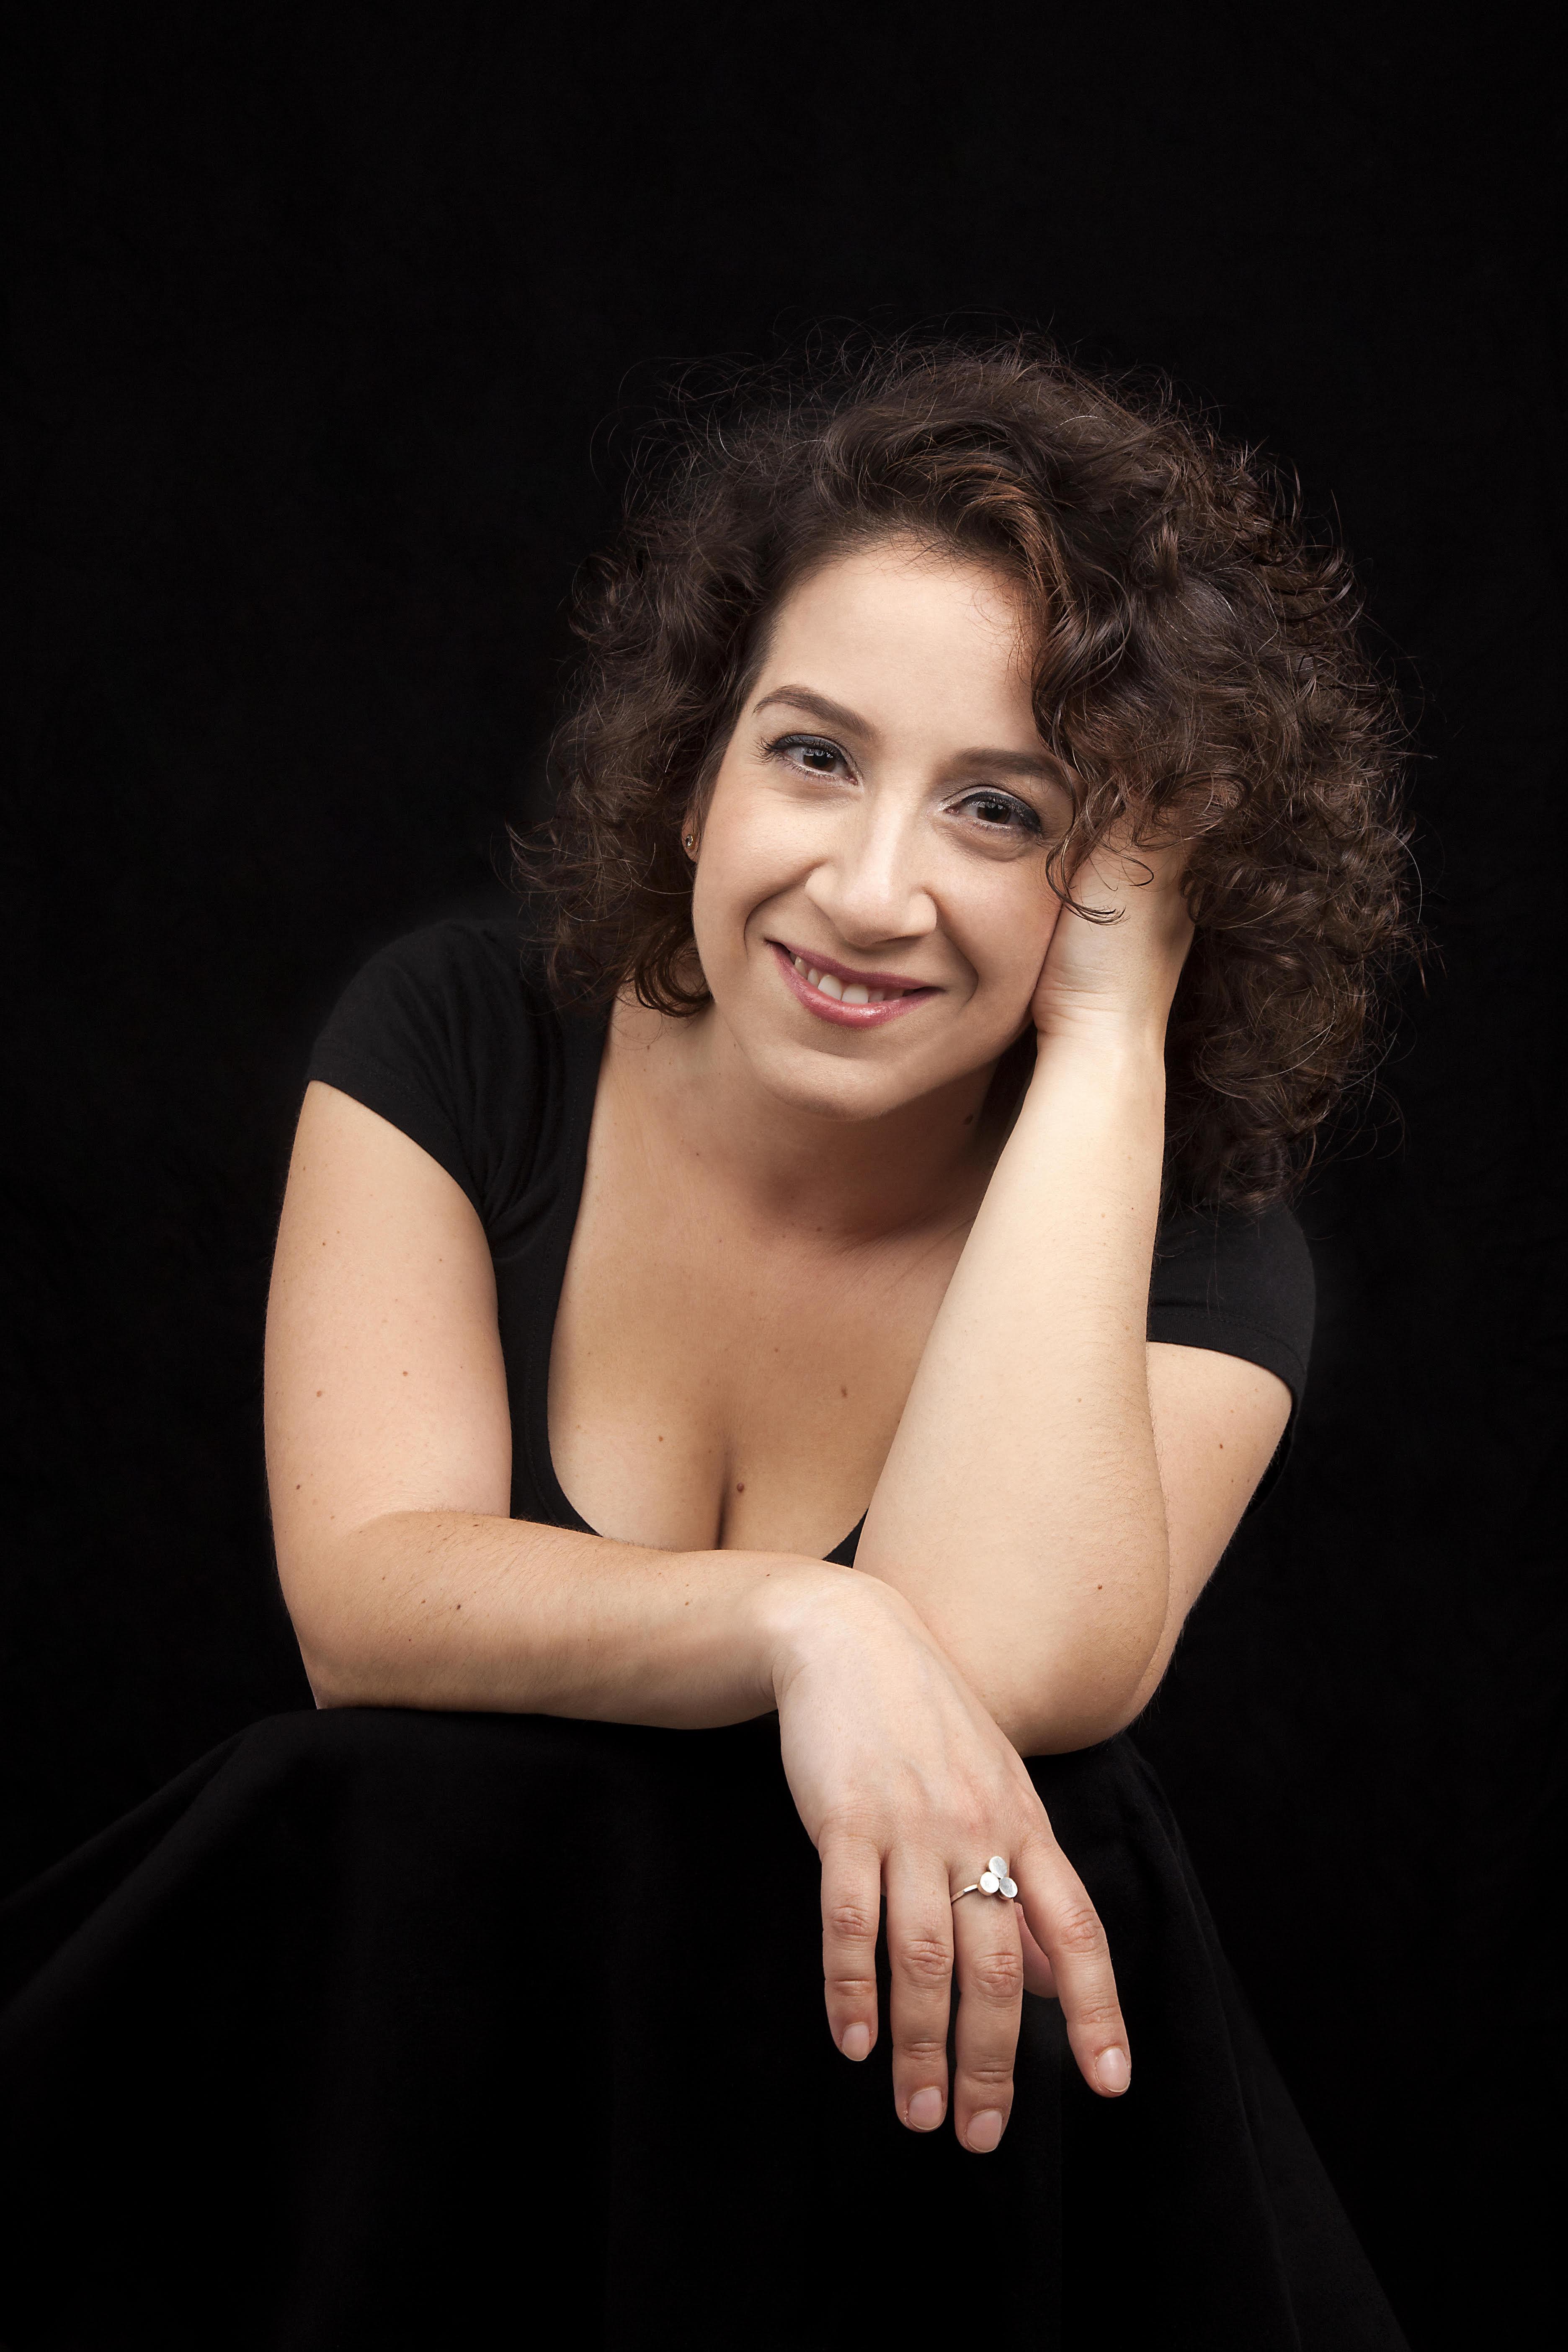 Şirincan Çakıroğlu - Profil Fotoğrafı